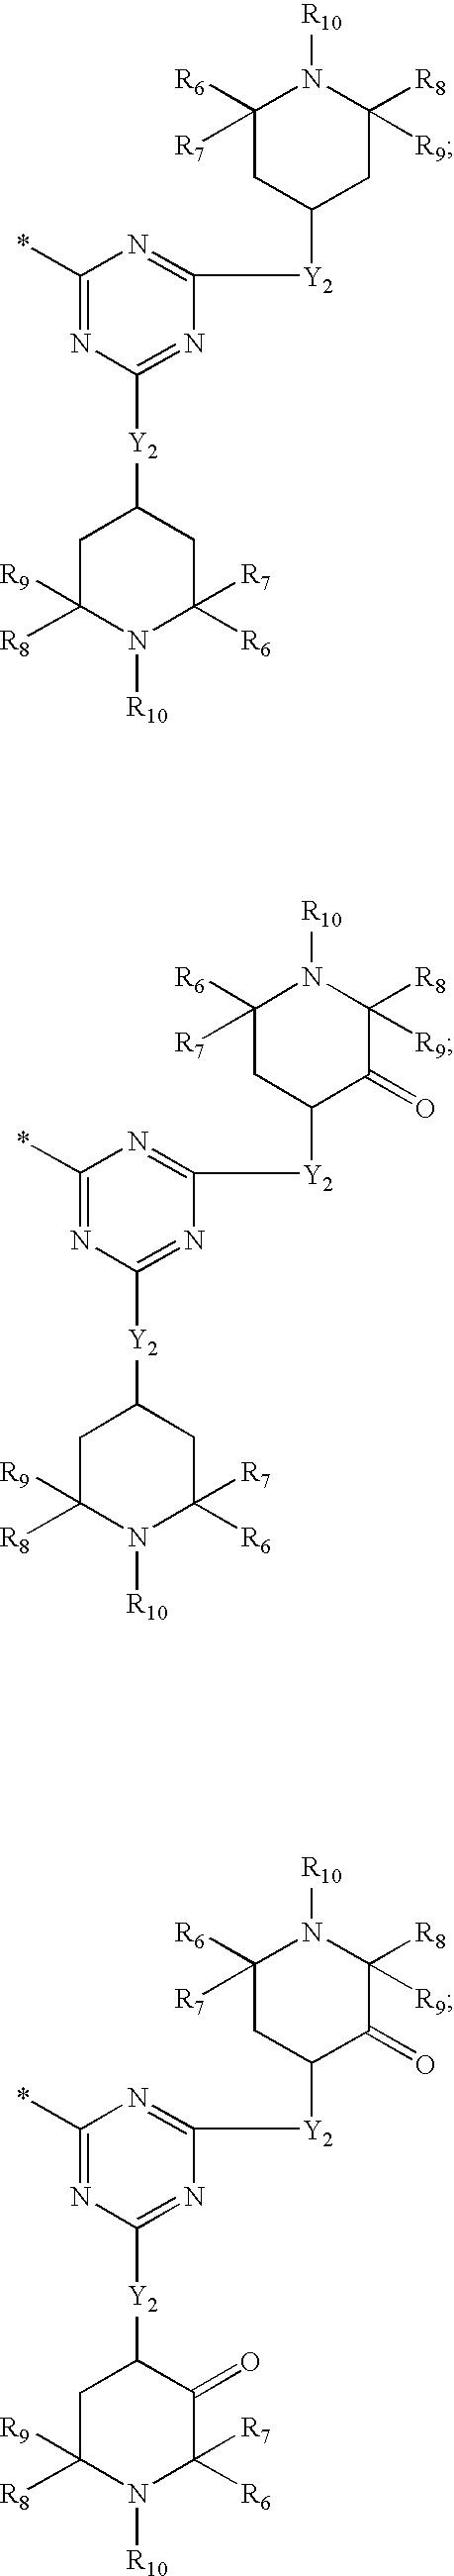 Figure US20070015883A1-20070118-C00008